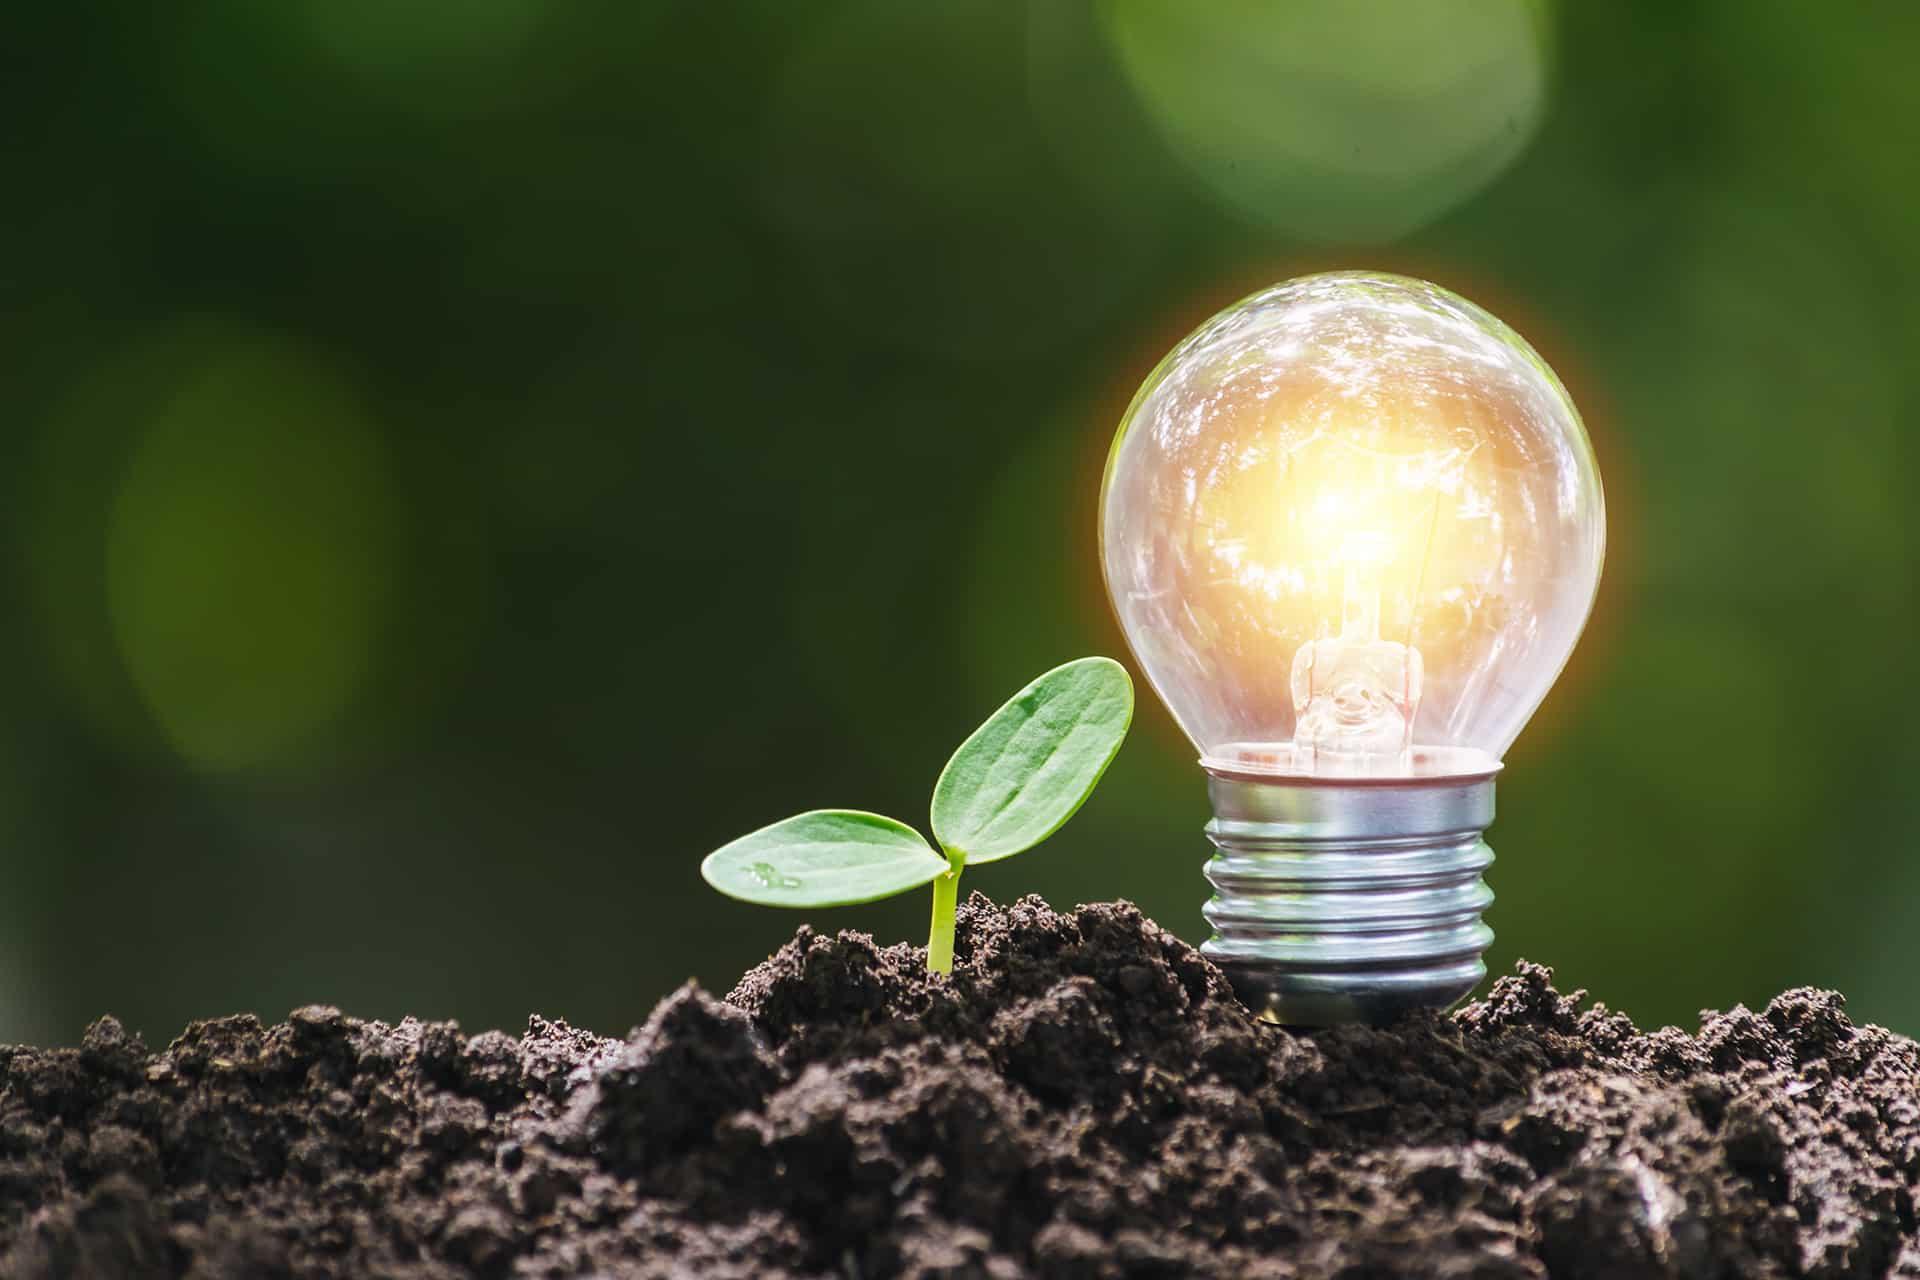 Energiewende: Diese sechs wichtigen Technologien stehen (noch) nicht im täglichen Fokus